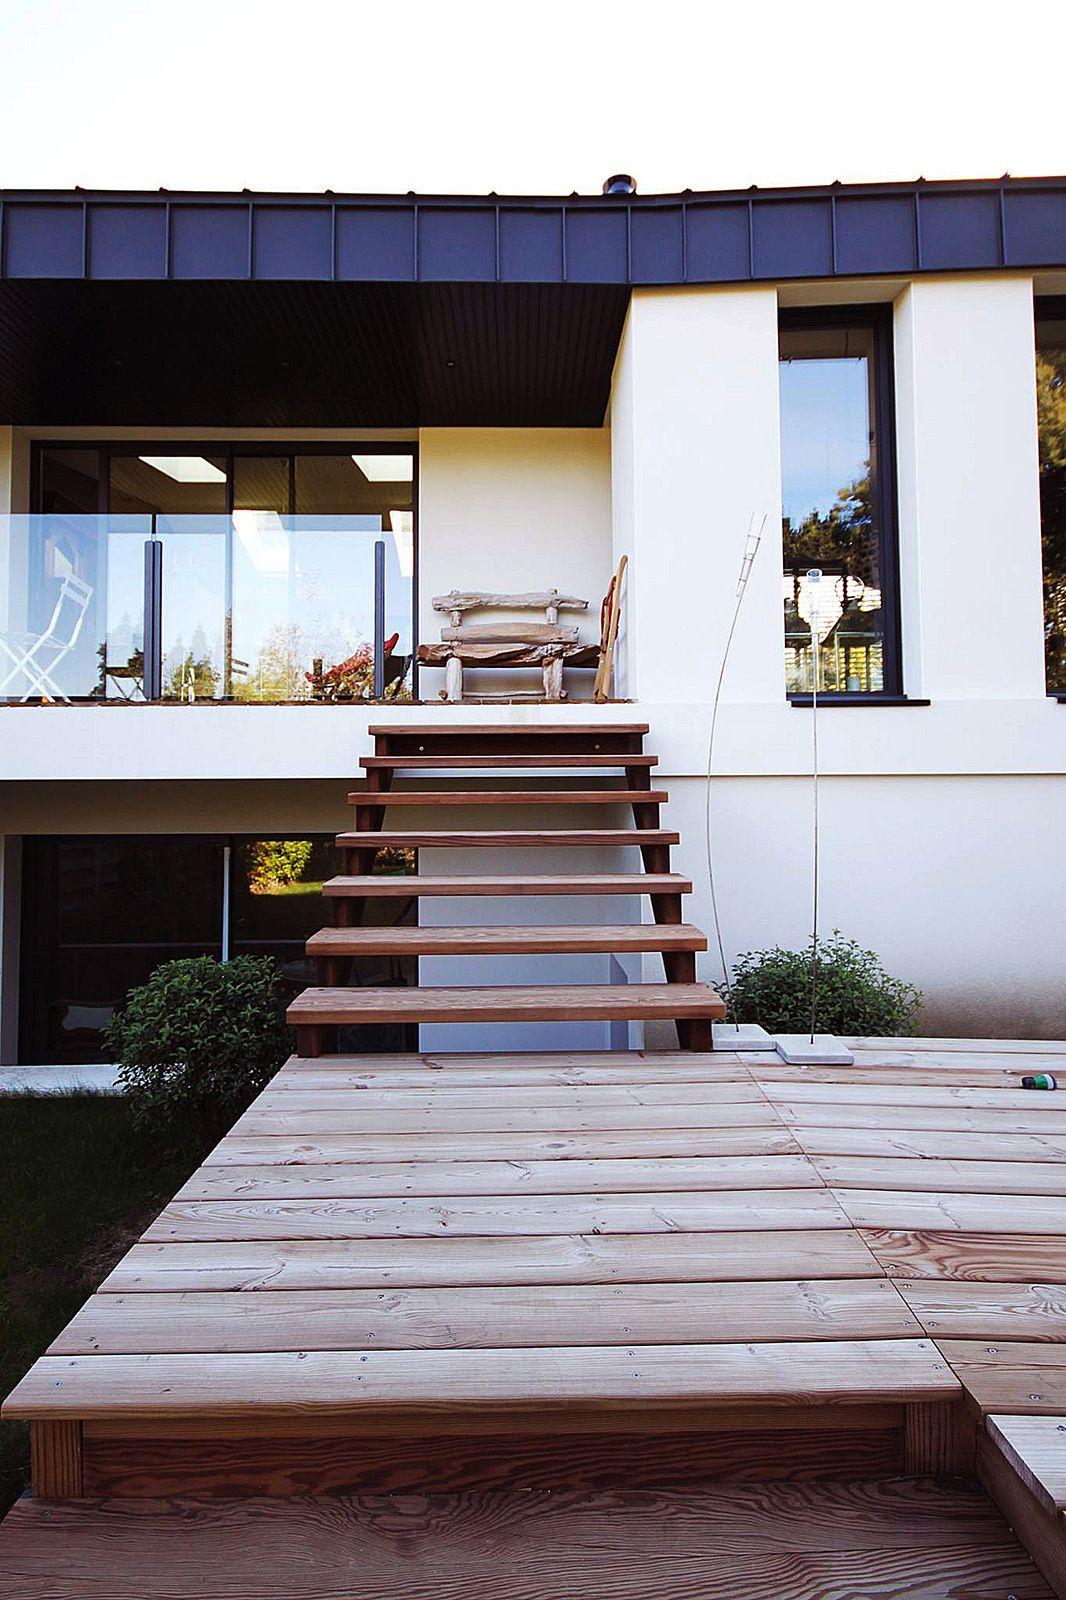 Maison bl extension contemporaine d 39 une maison bretonne des ann es 30 vannes morbihan - Maison des annees 30 ...